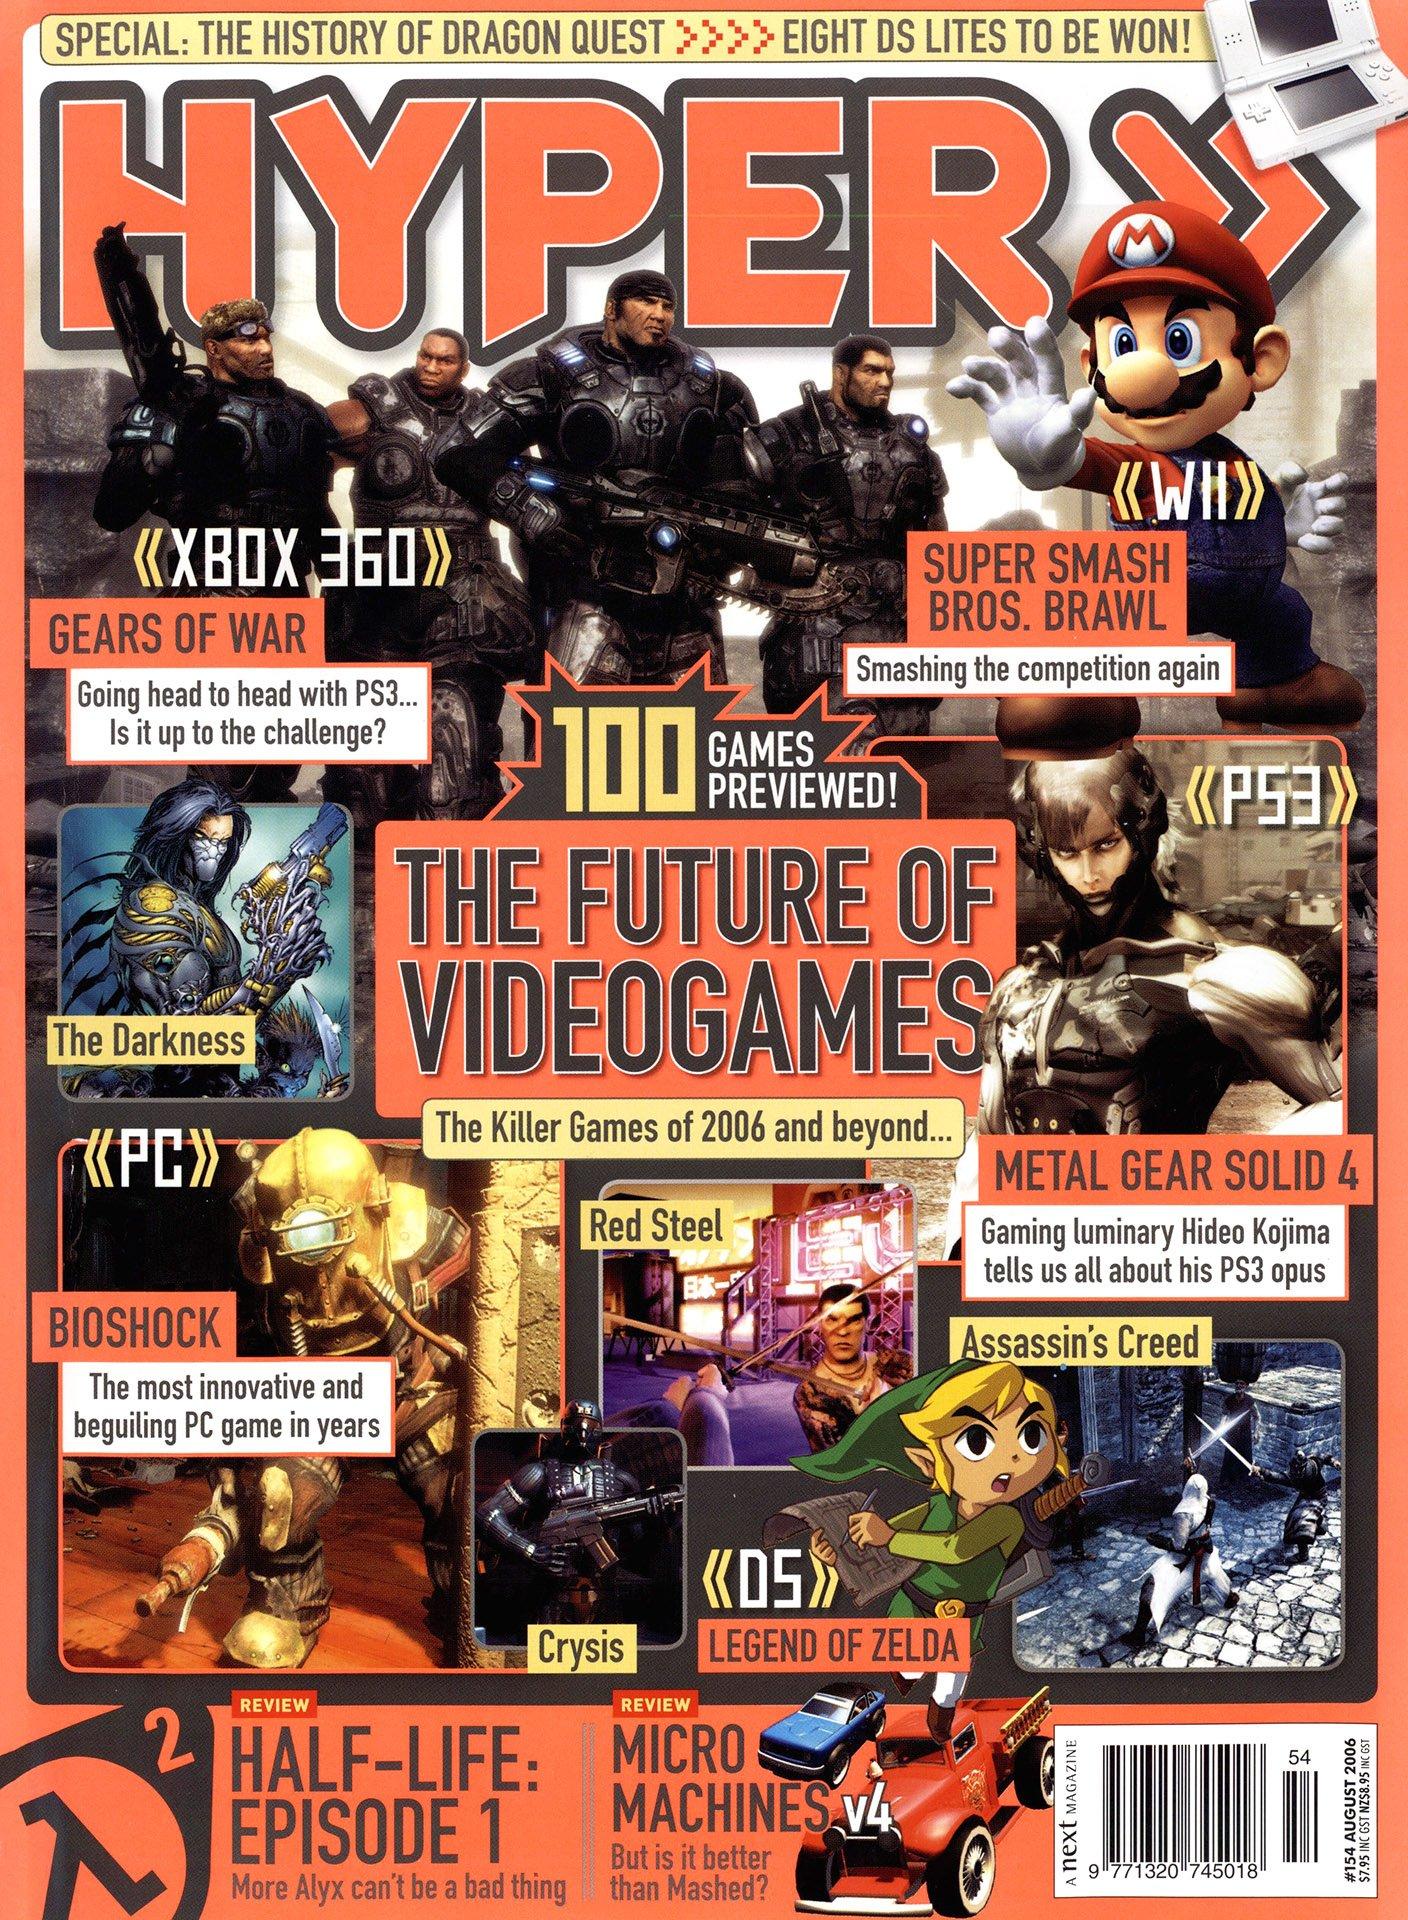 Hyper 154 (August 2006)